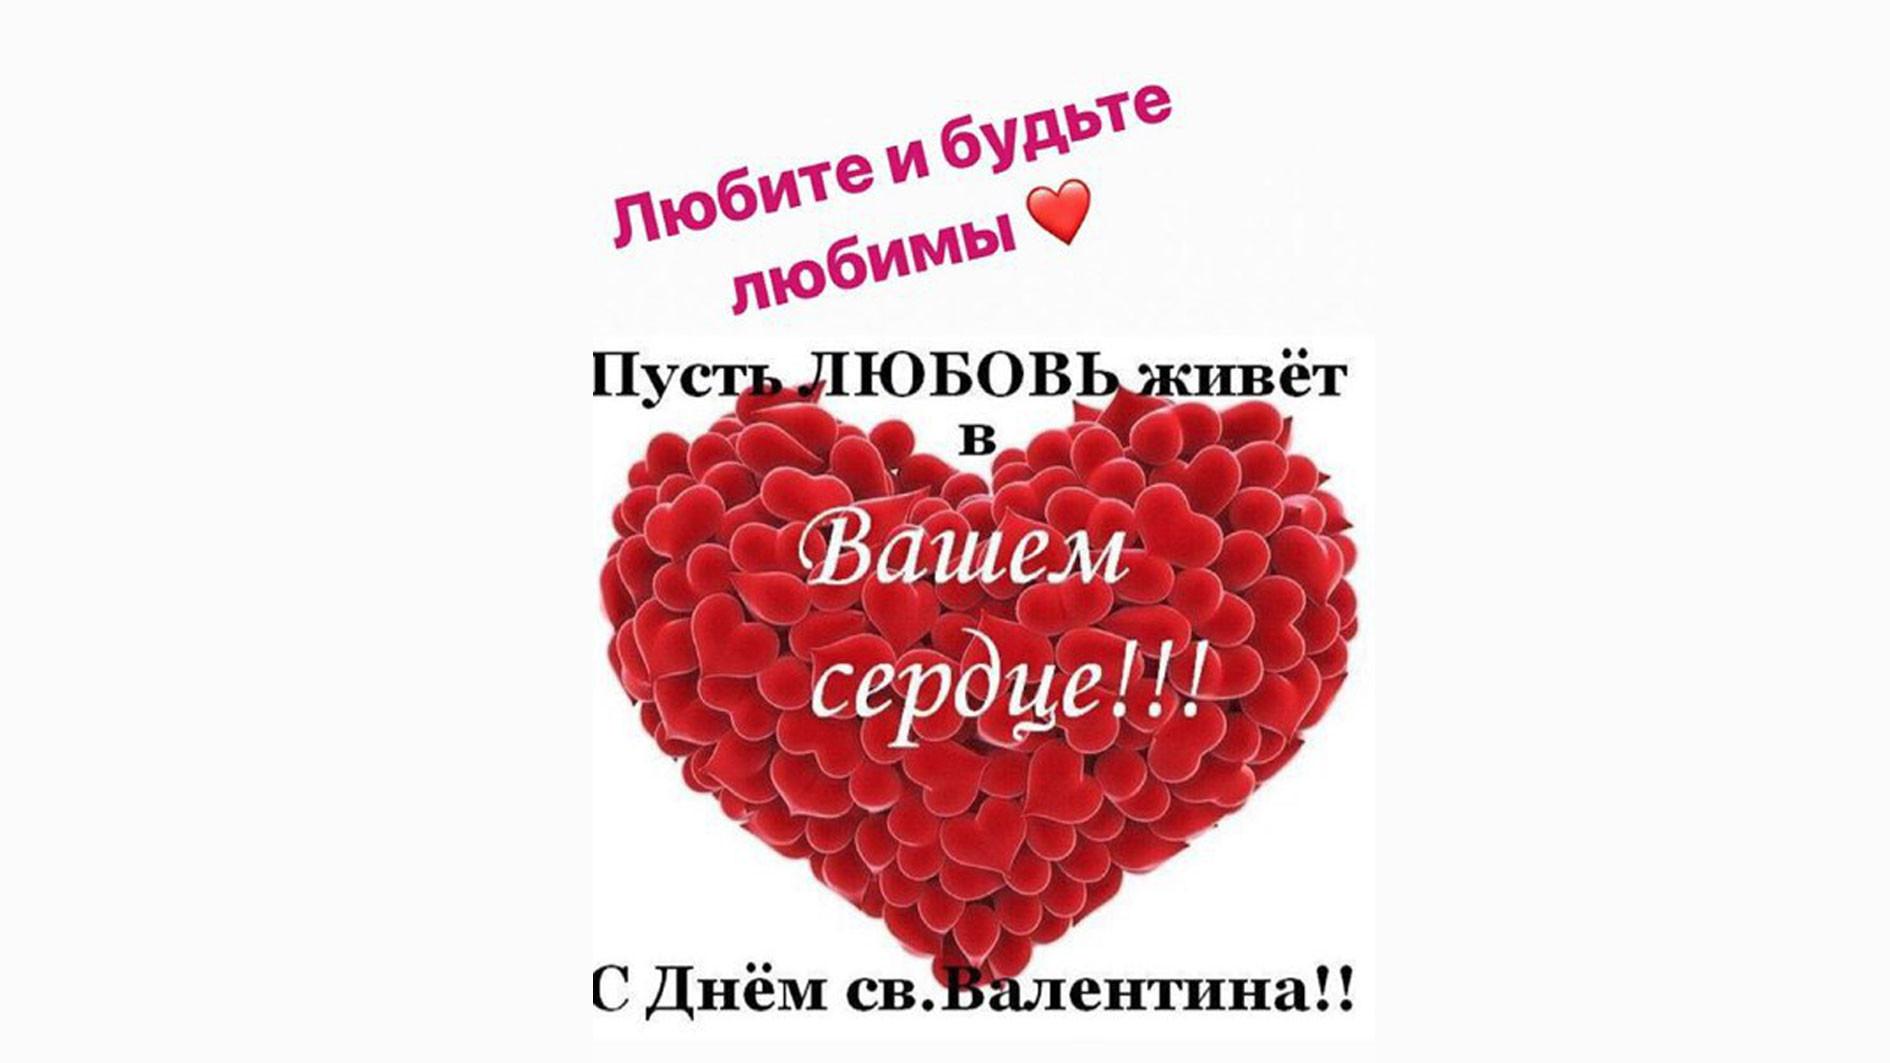 Фото: instagram.com/ann_semenovich